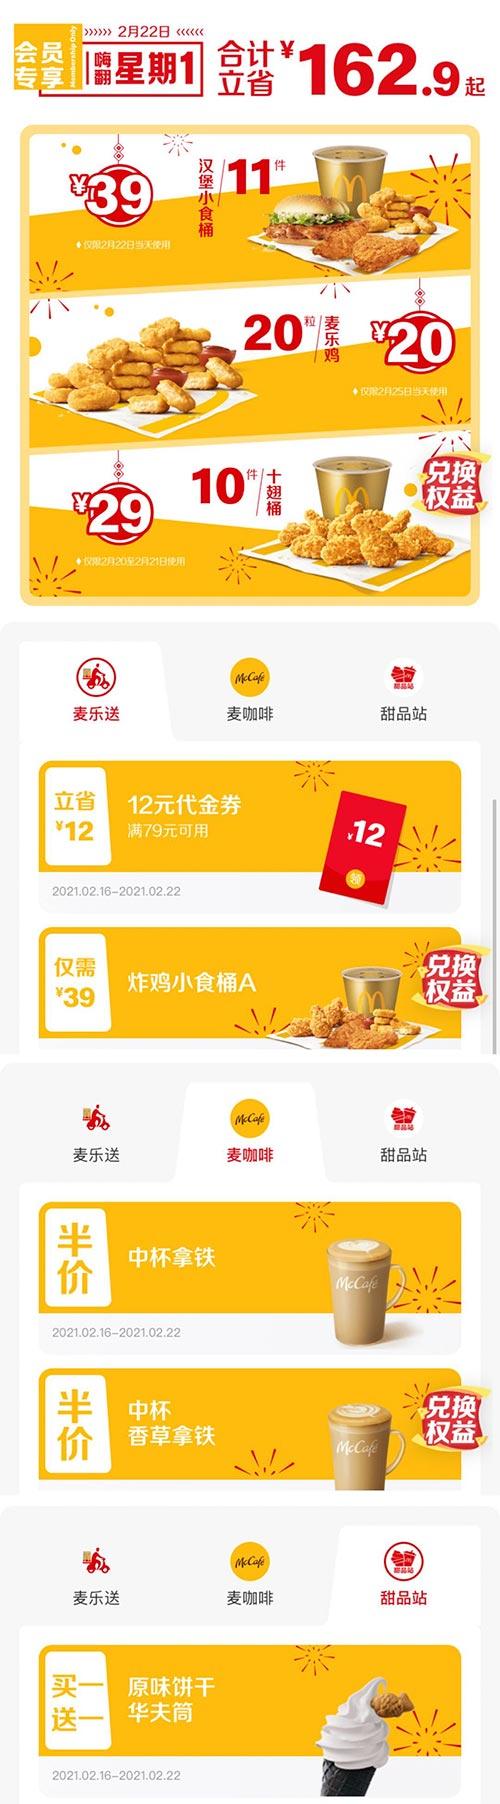 麦当劳优惠券:麦当劳周优惠券领取,29元十翅桶 39元小食桶 有效期2020年5月12日-2022年12月31日 使用范围:麦当劳餐厅